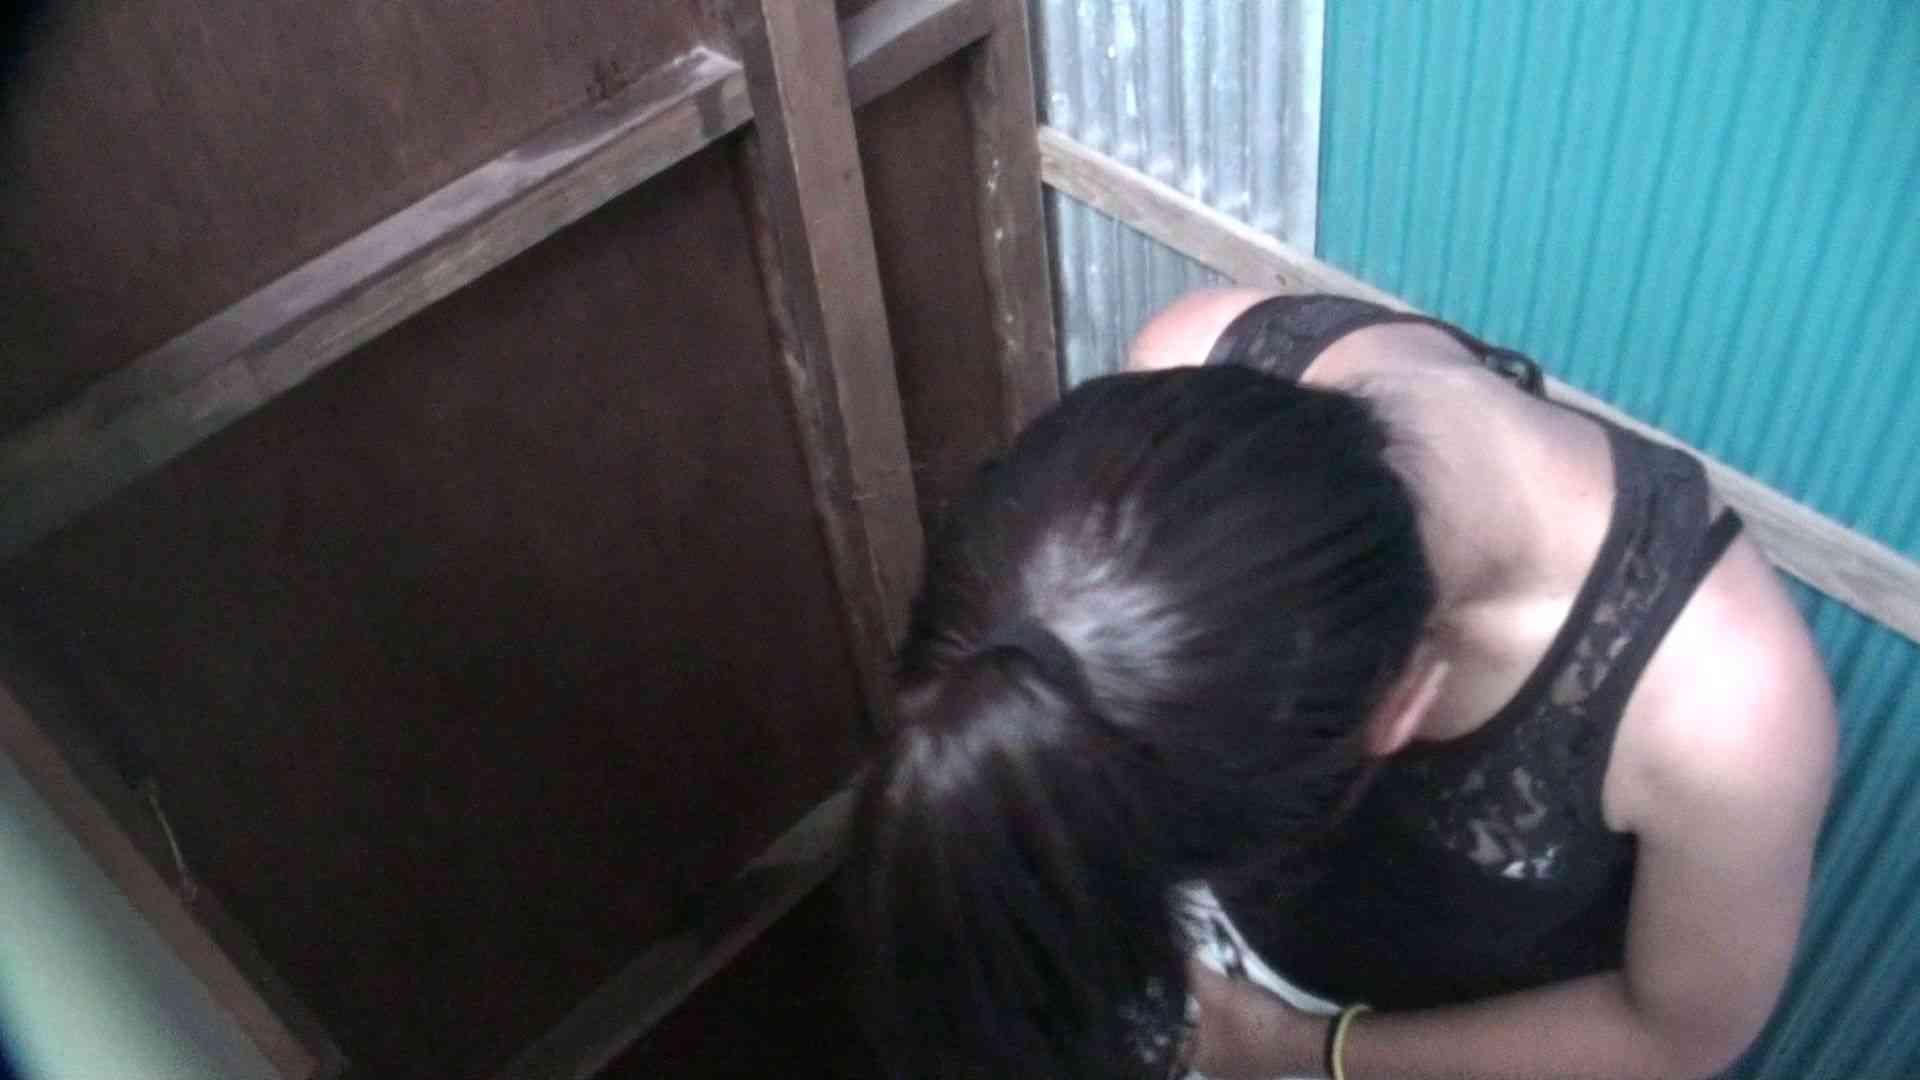 シャワールームは超!!危険な香りVol.17 ガーリーなビキニと下着に興奮です! エロティックなOL 女性器鑑賞 69画像 8